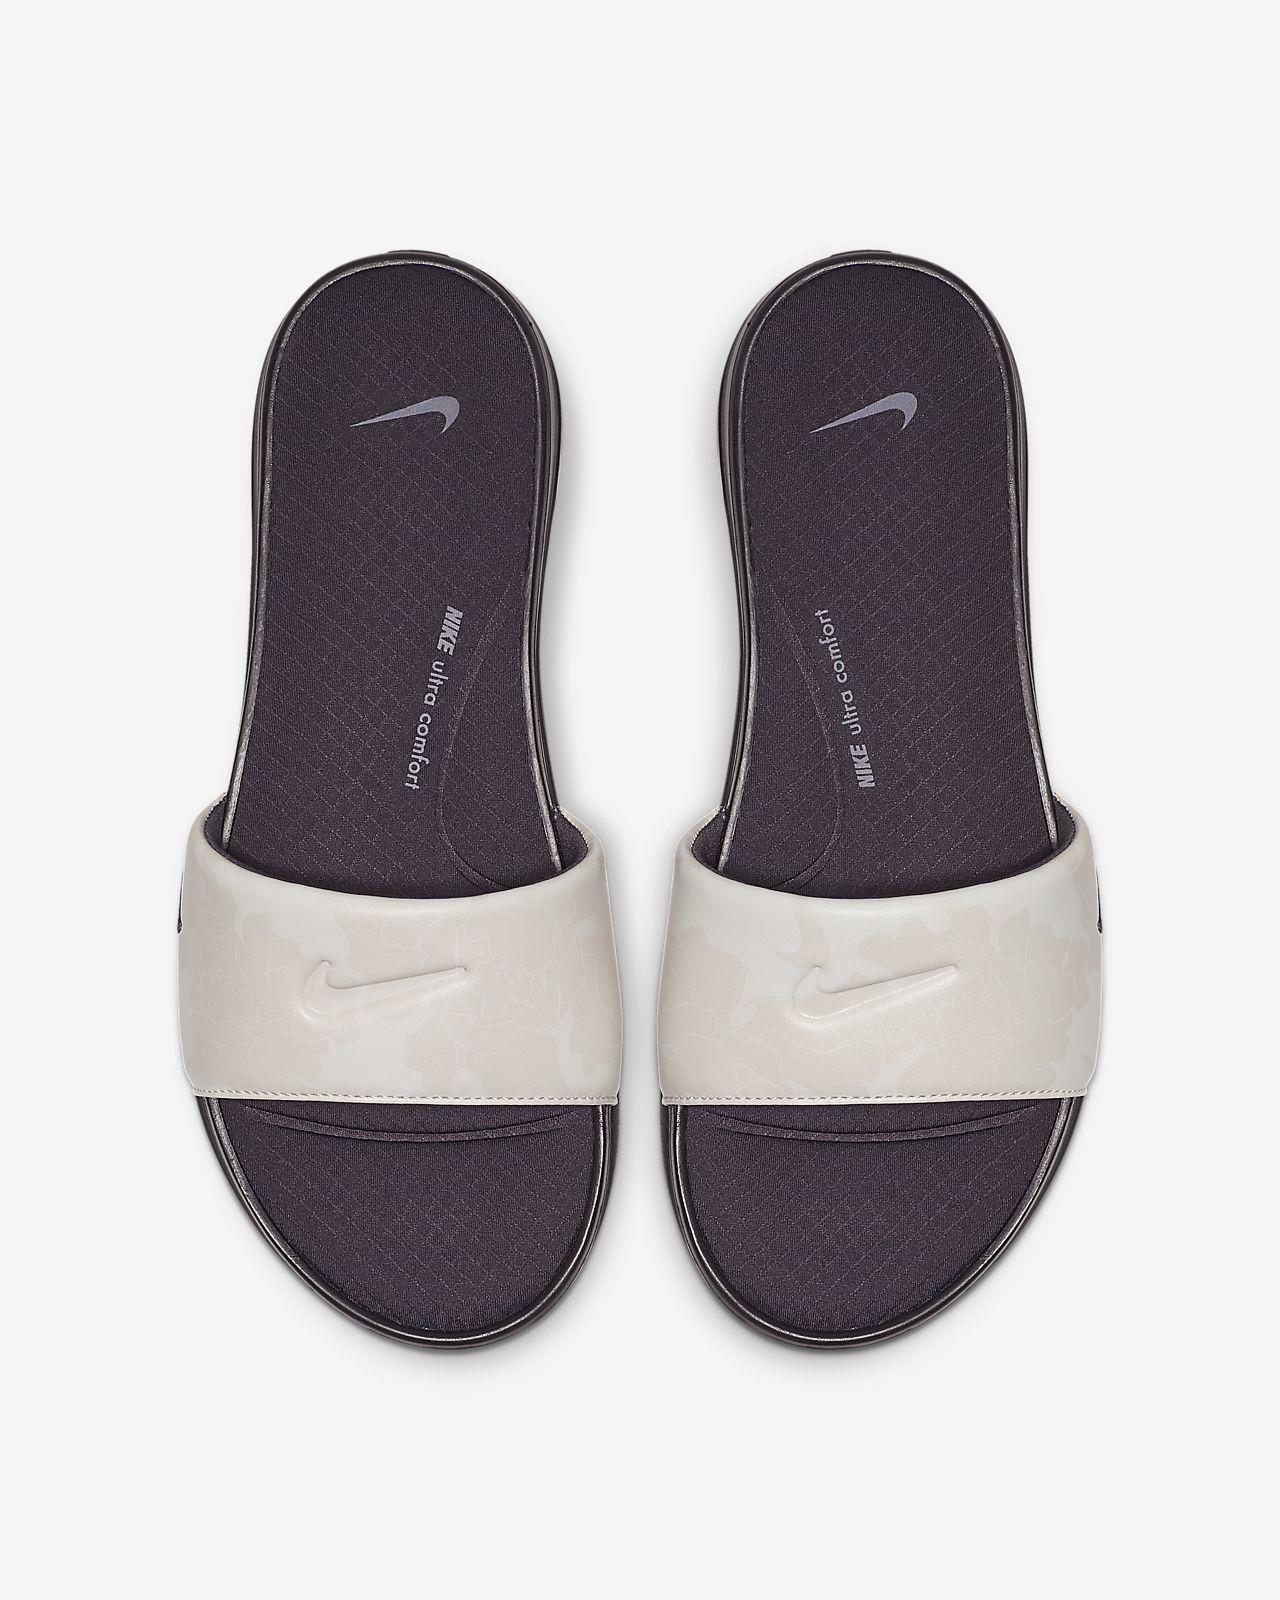 Slider Nike Ultra Comfort 3 Printed - Donna